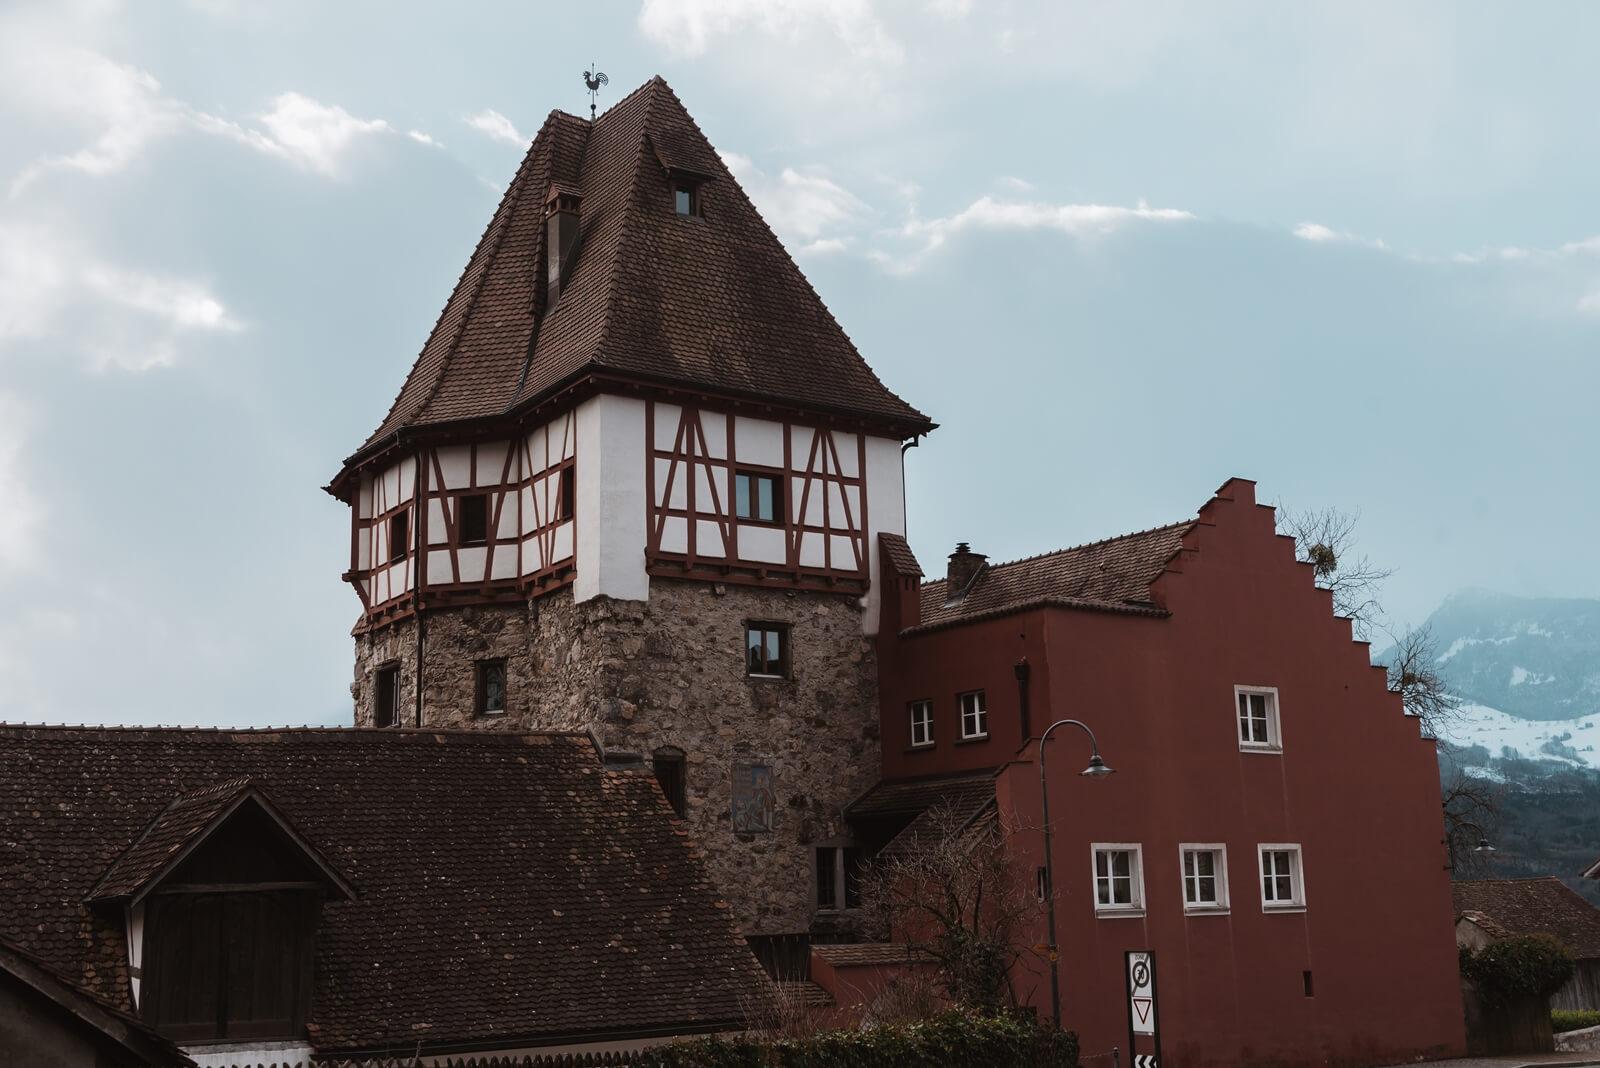 Vaduz-lichtenstein-lavienblog-allrightsreserved5